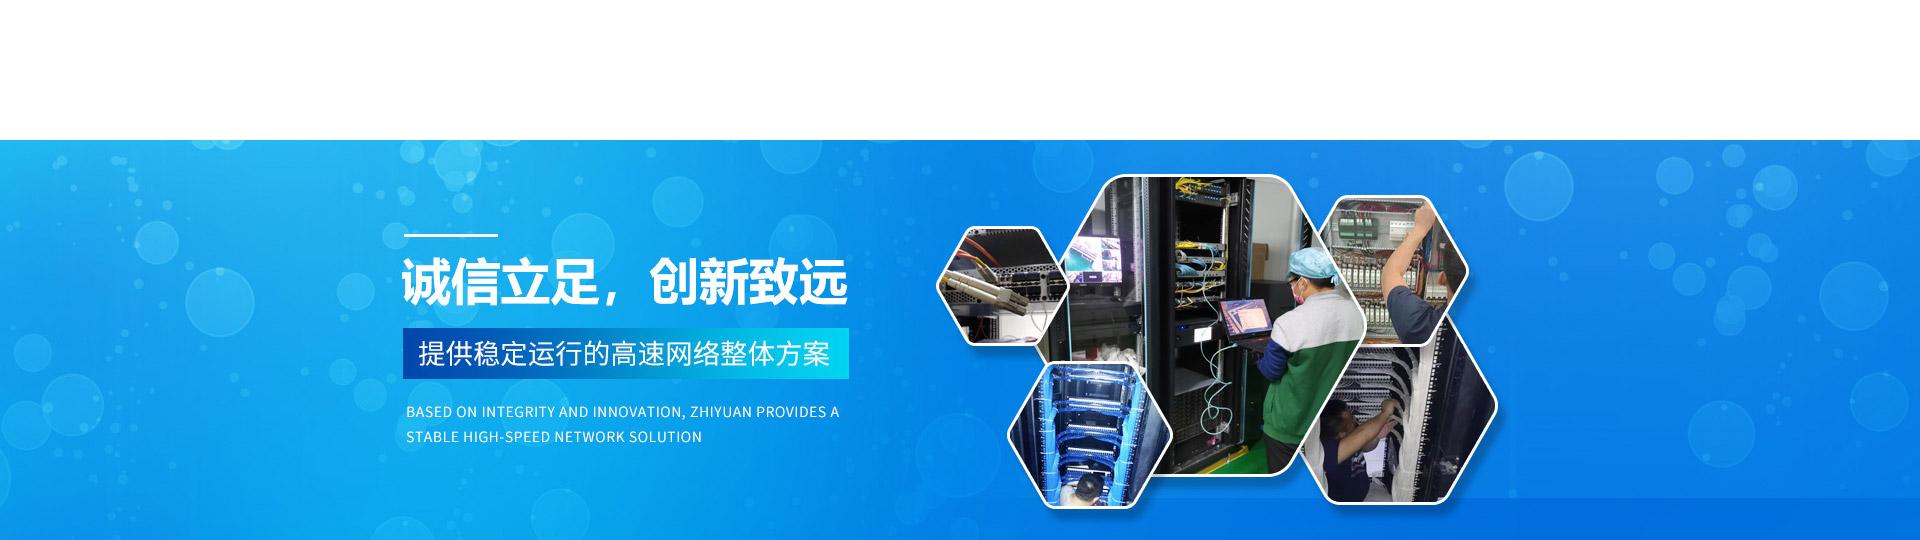 轩辕宏迈-提供稳定运行的高速网络整体方案